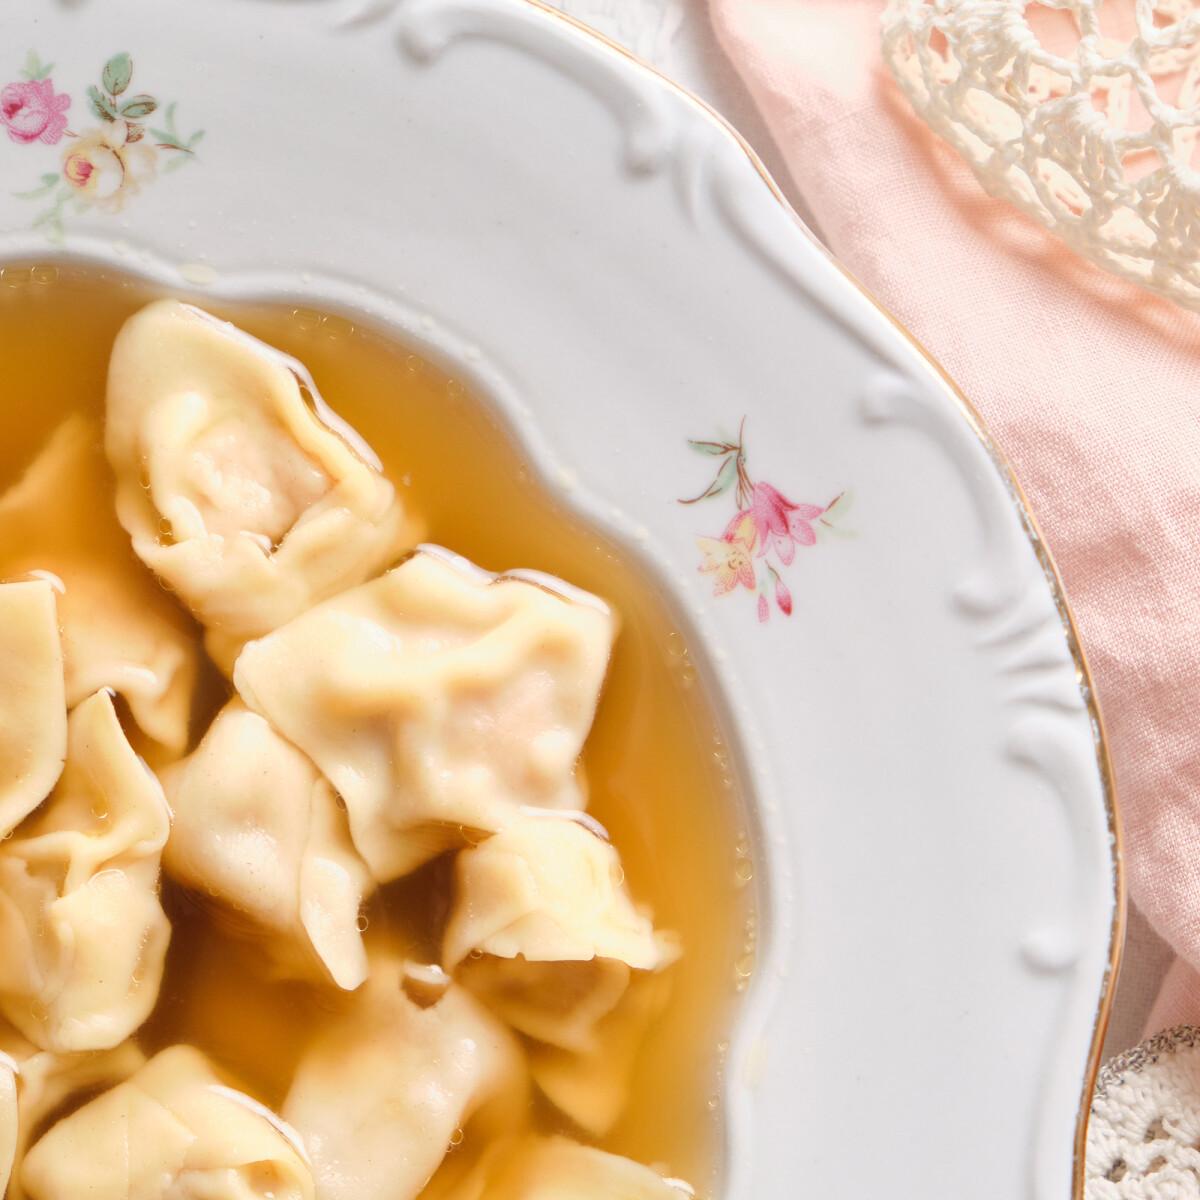 Íme, a legtökéletesebb házi levesbetétek a galuskától a palacsintáig